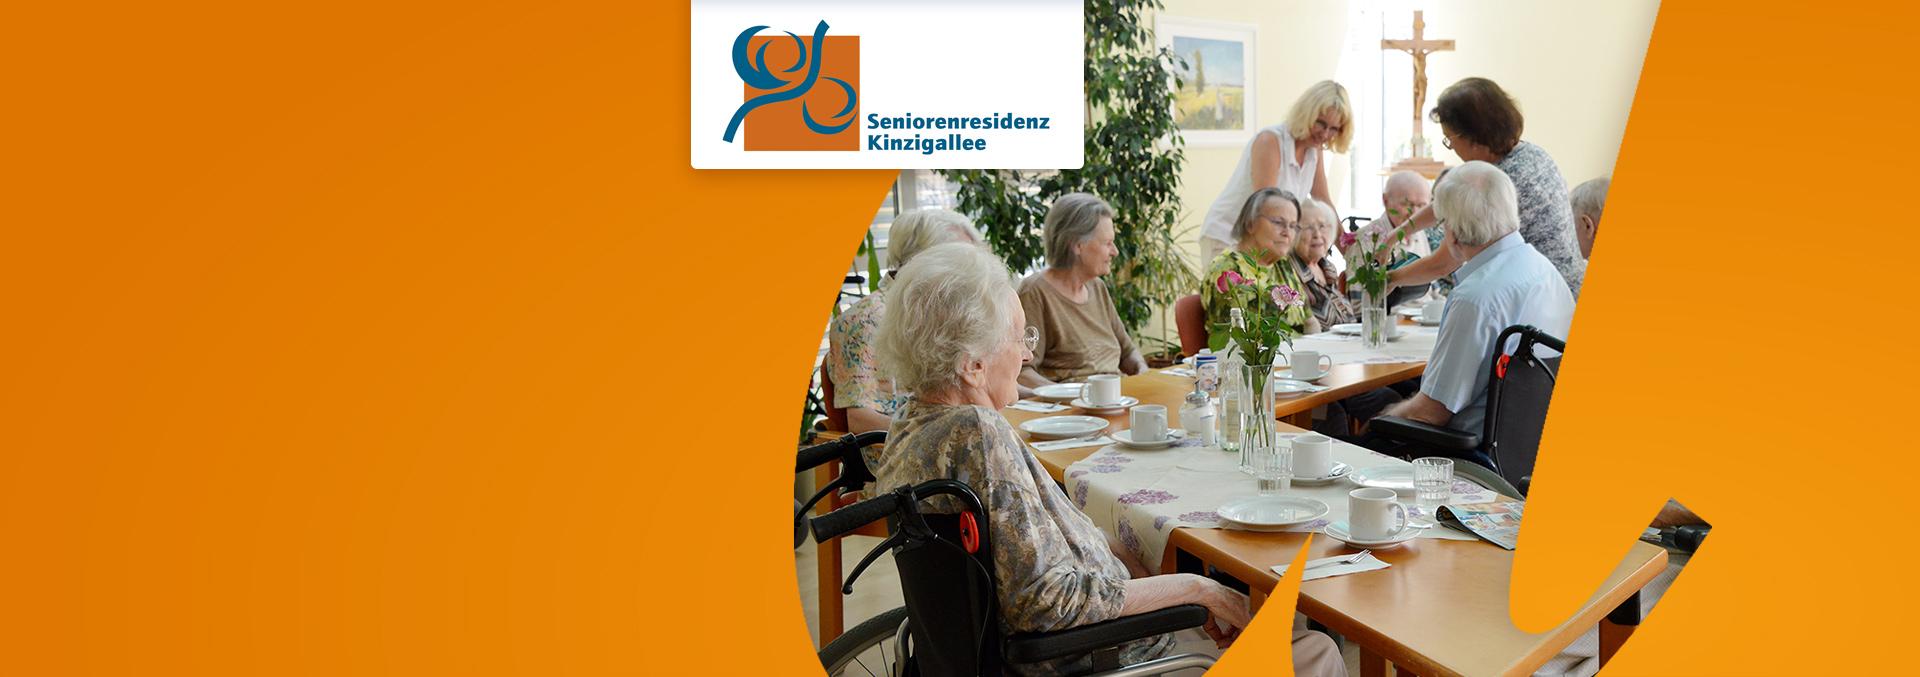 Bewohner der Seniorenresidenz Kinzigallee sitzen beim Sommerfest am Tisch und warten auf Kaffee und Kuchen.